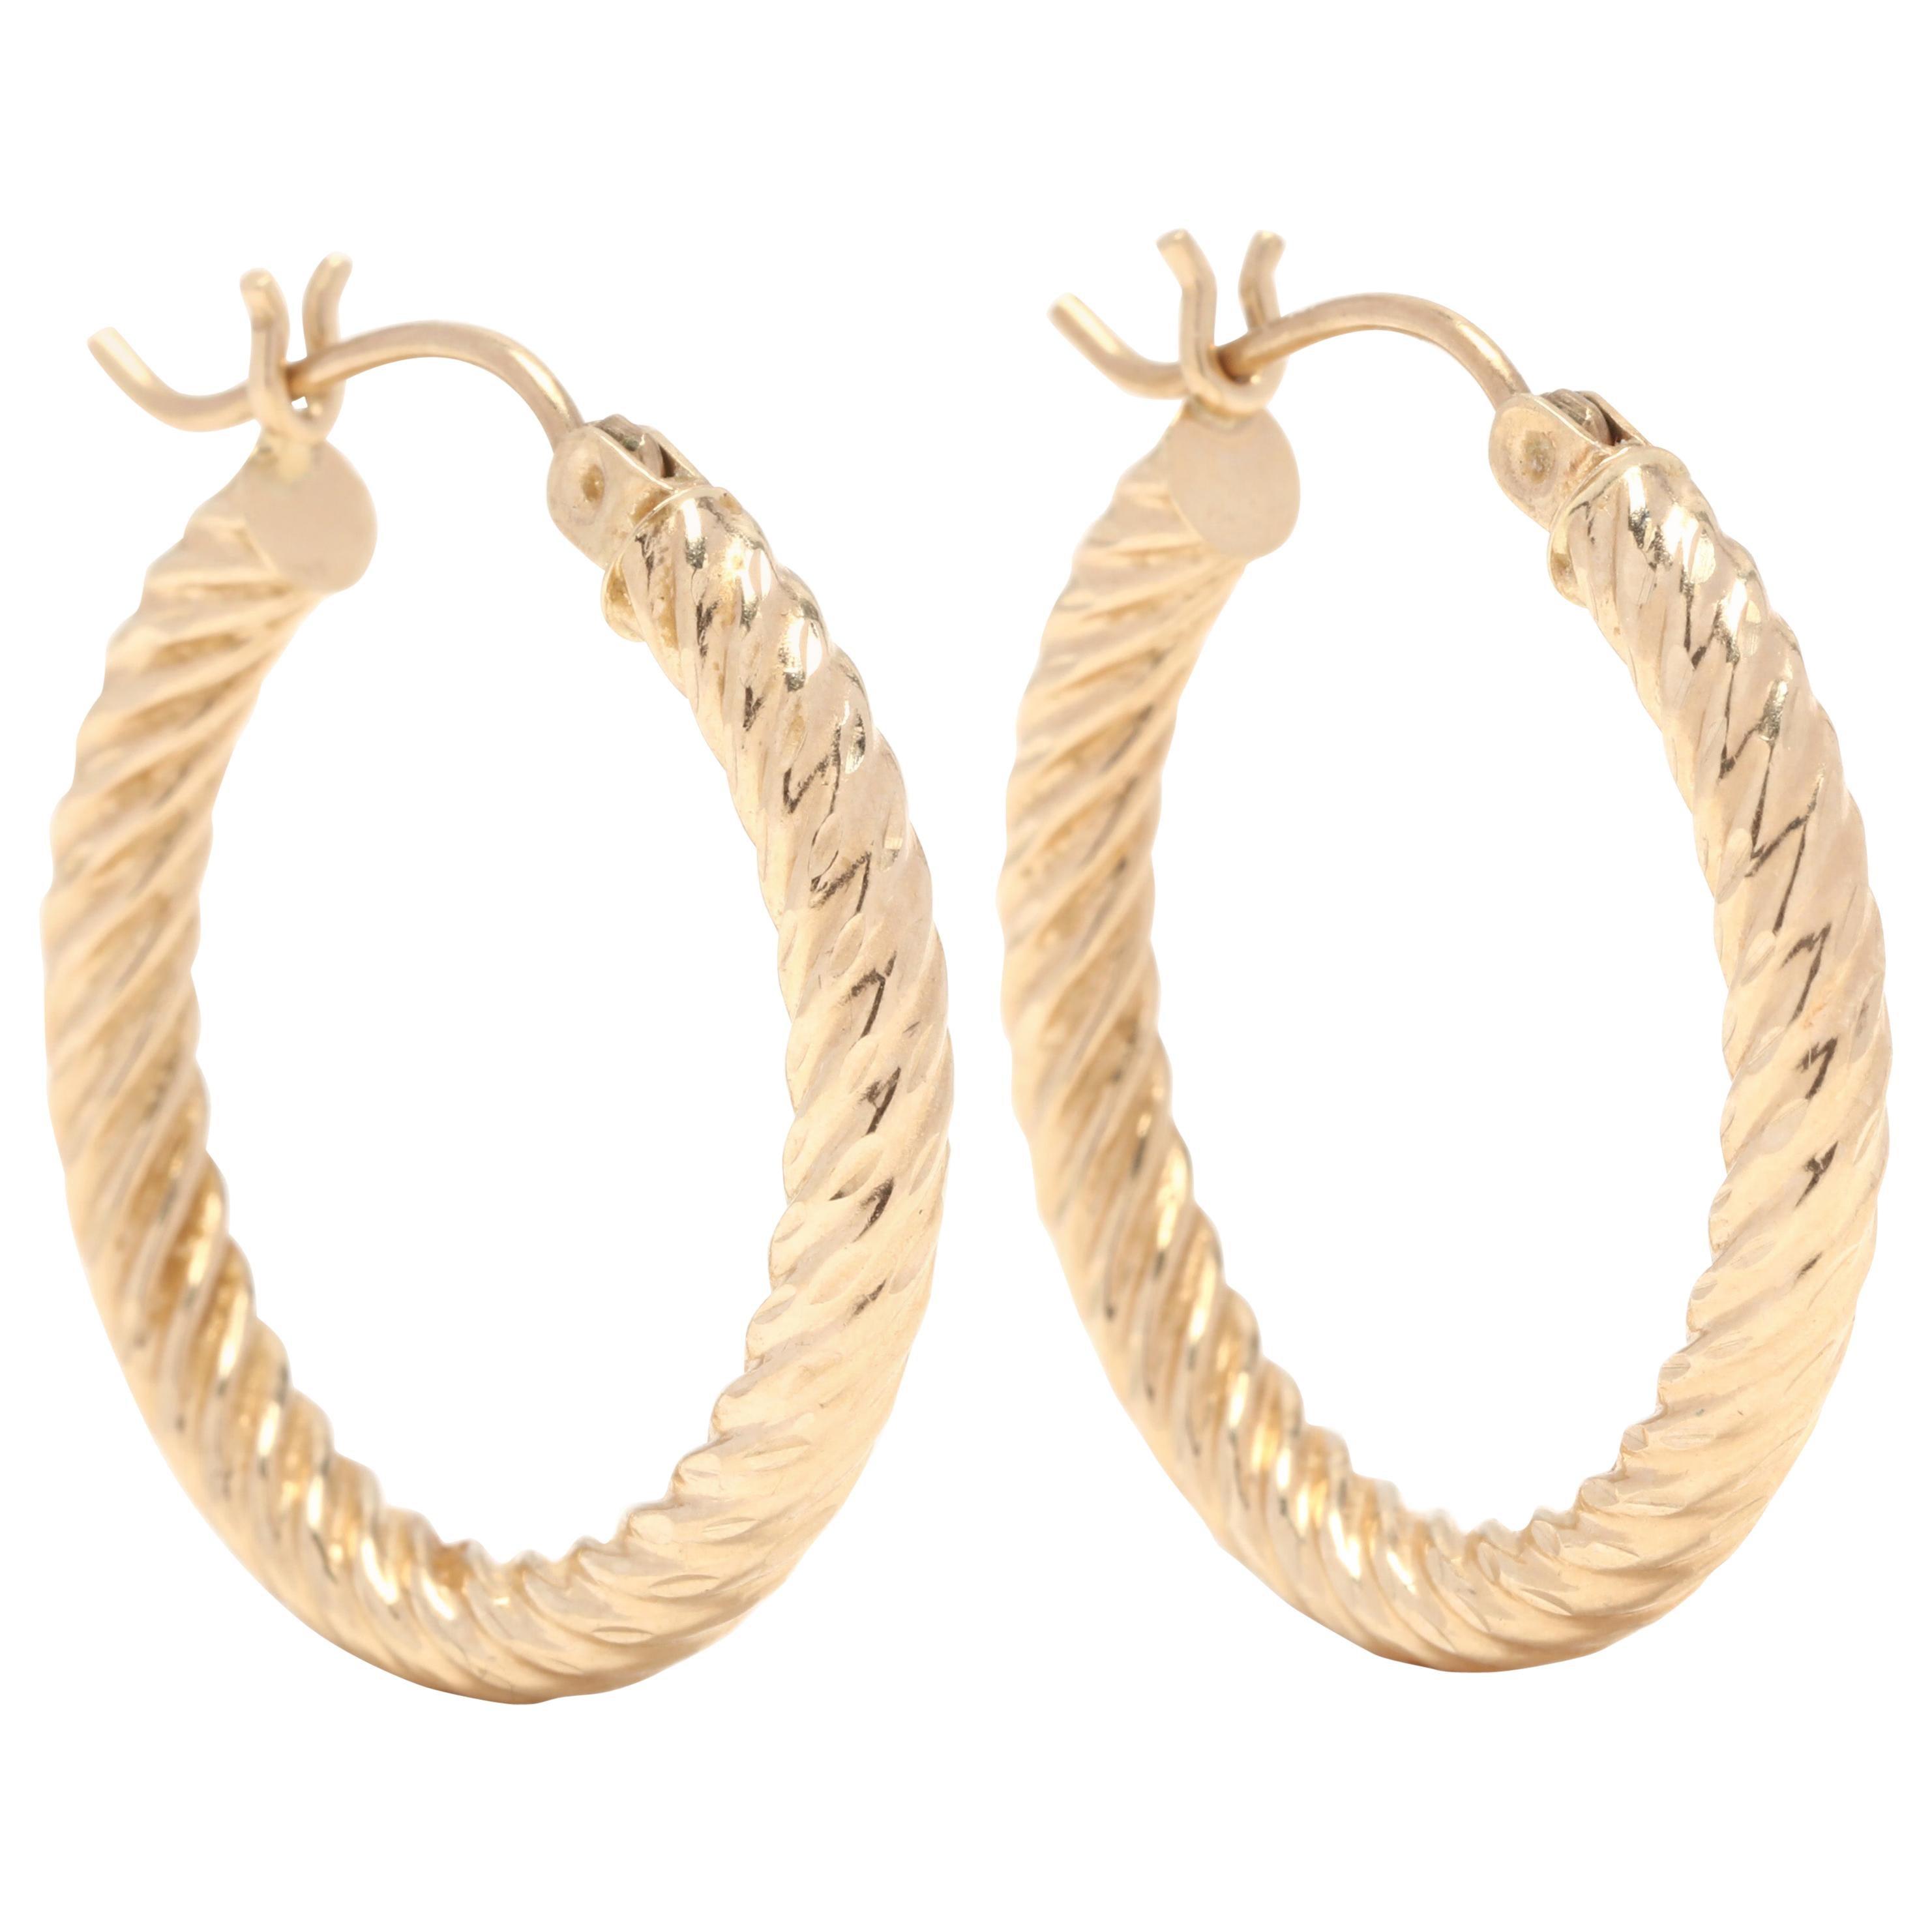 10 Karat Yellow Gold Twist Hoop Earrings